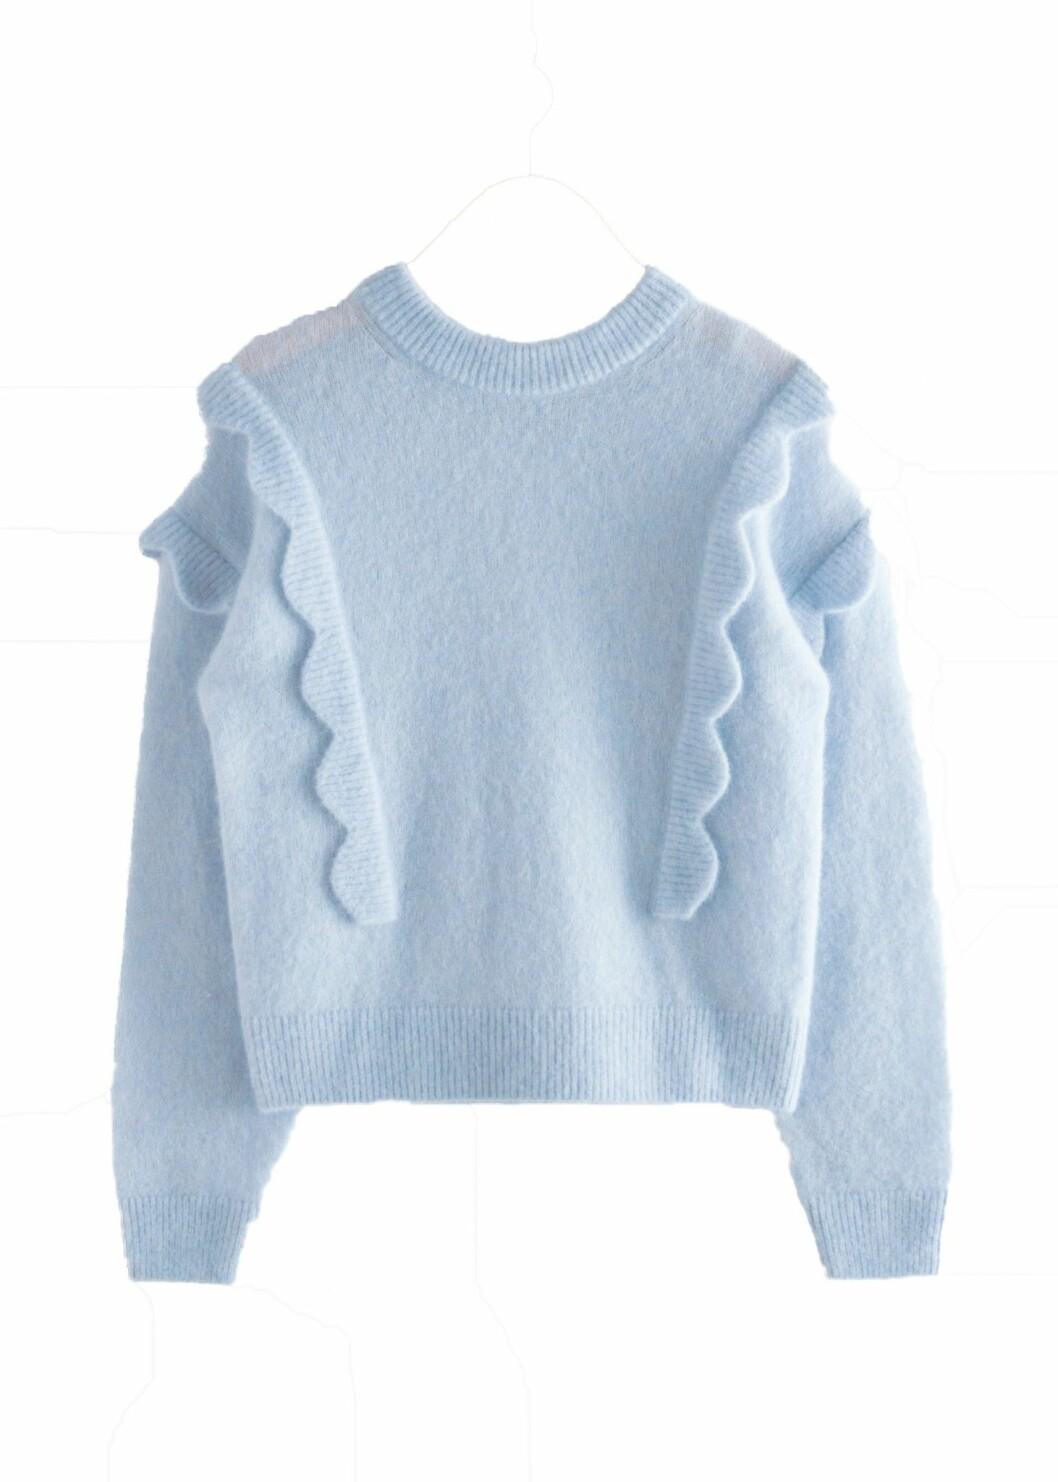 Stickad ljusblå tröja med söta volangdetaljer från & other stories